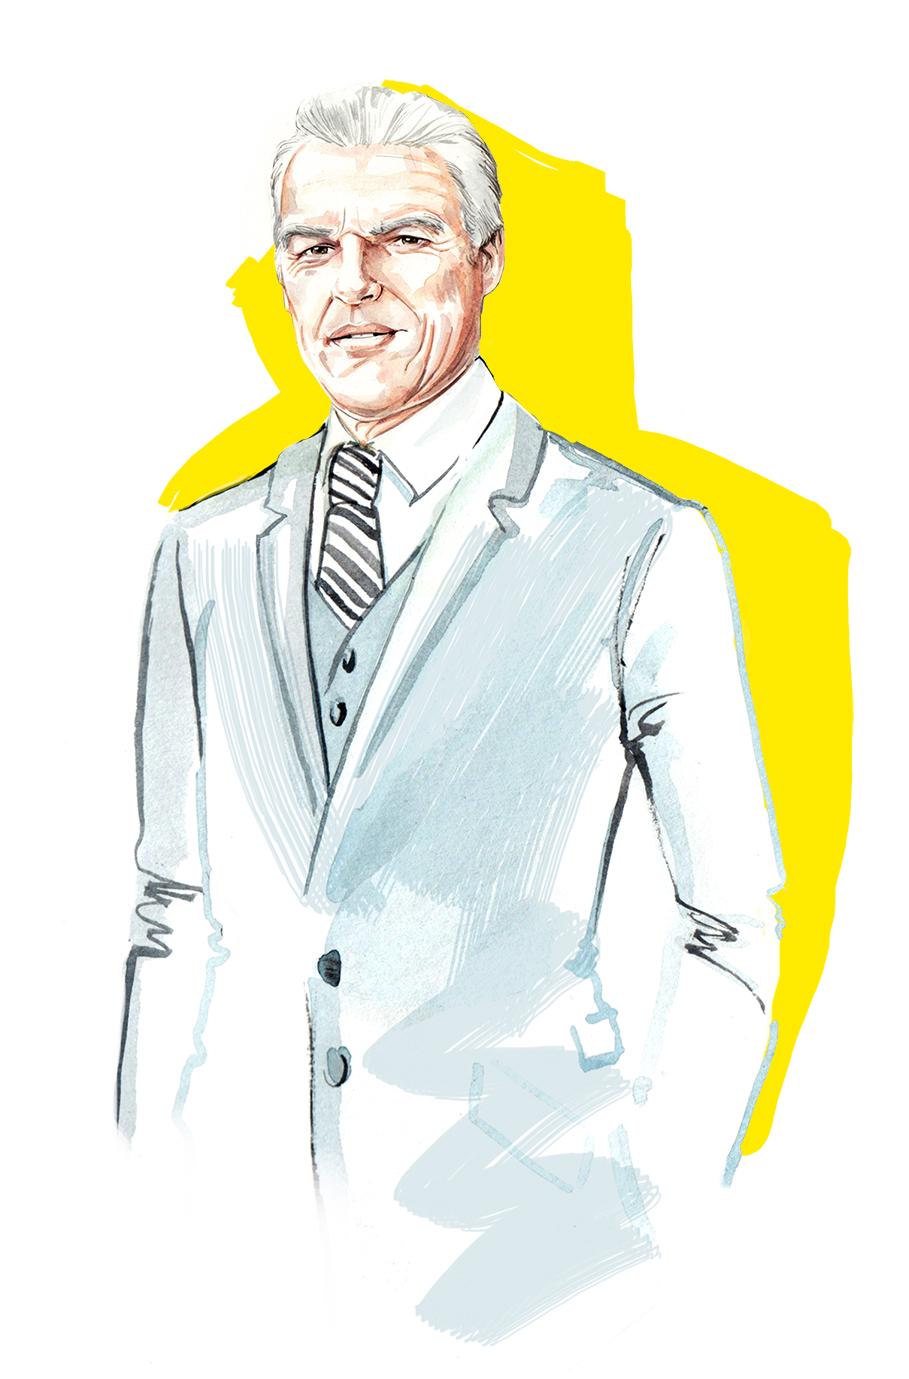 Watercolour portrait by illustrator, Willa Gebbie